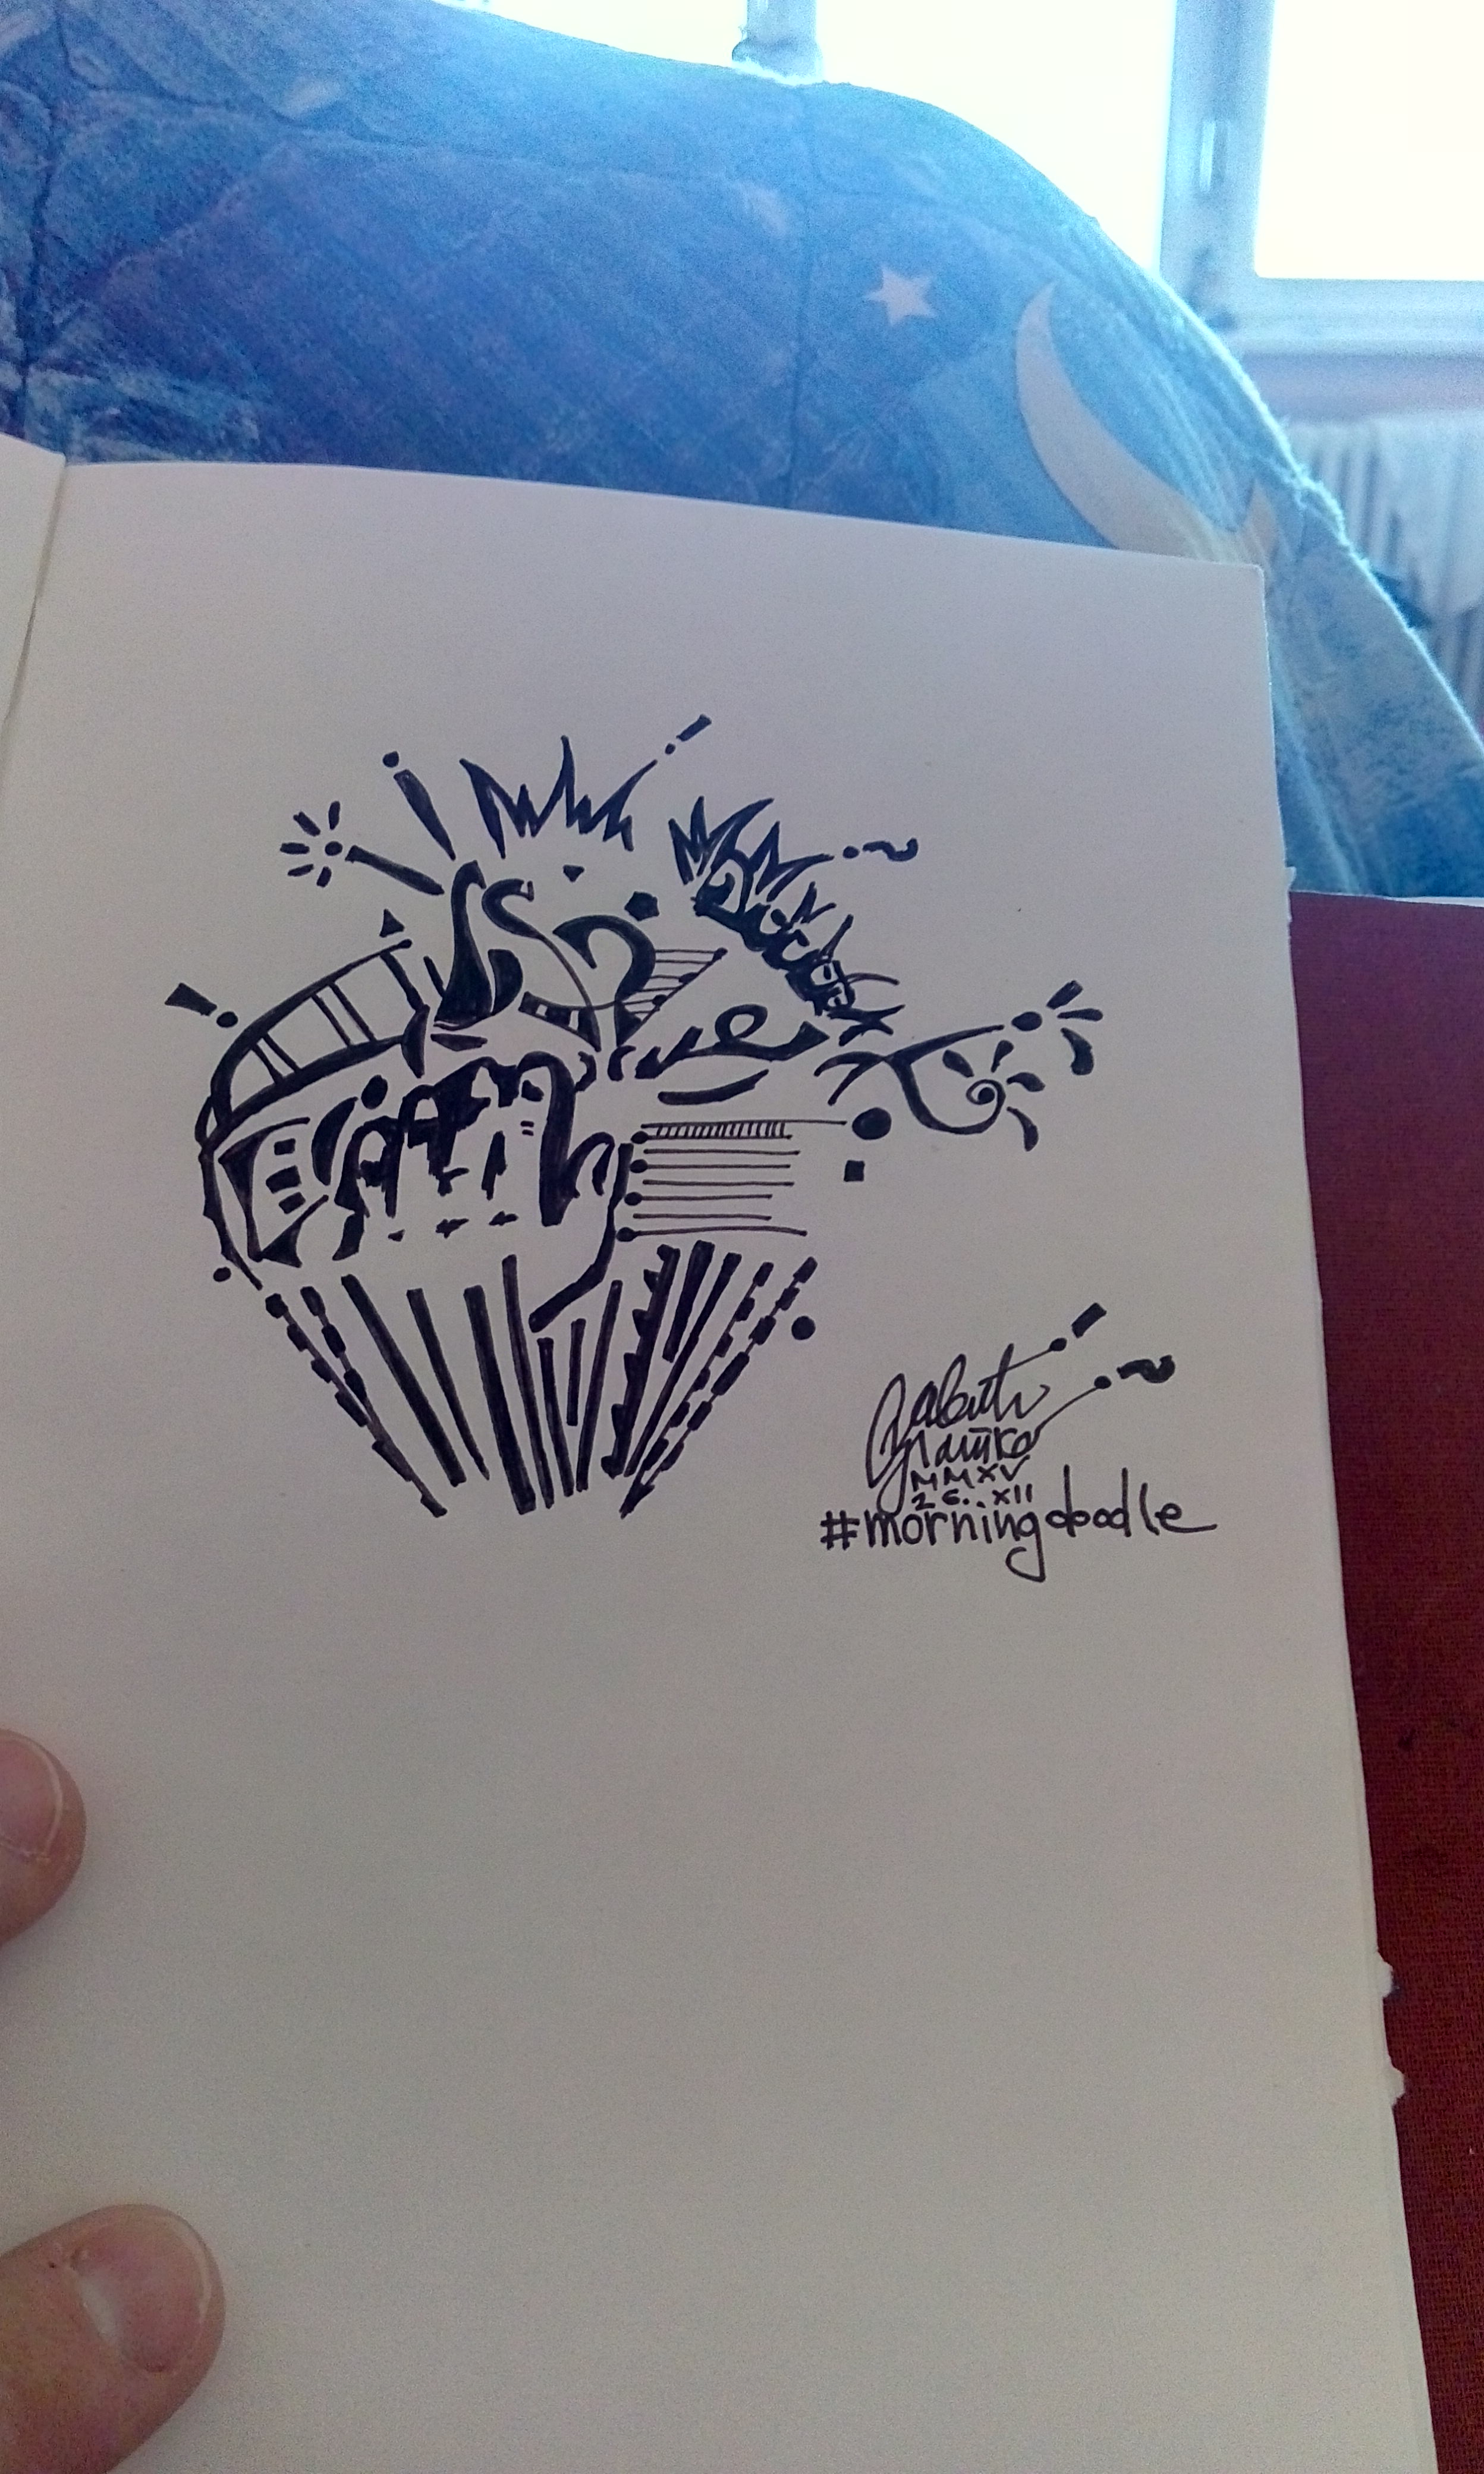 Morning doodle - 26. XII '15. - Headache by zlajonja